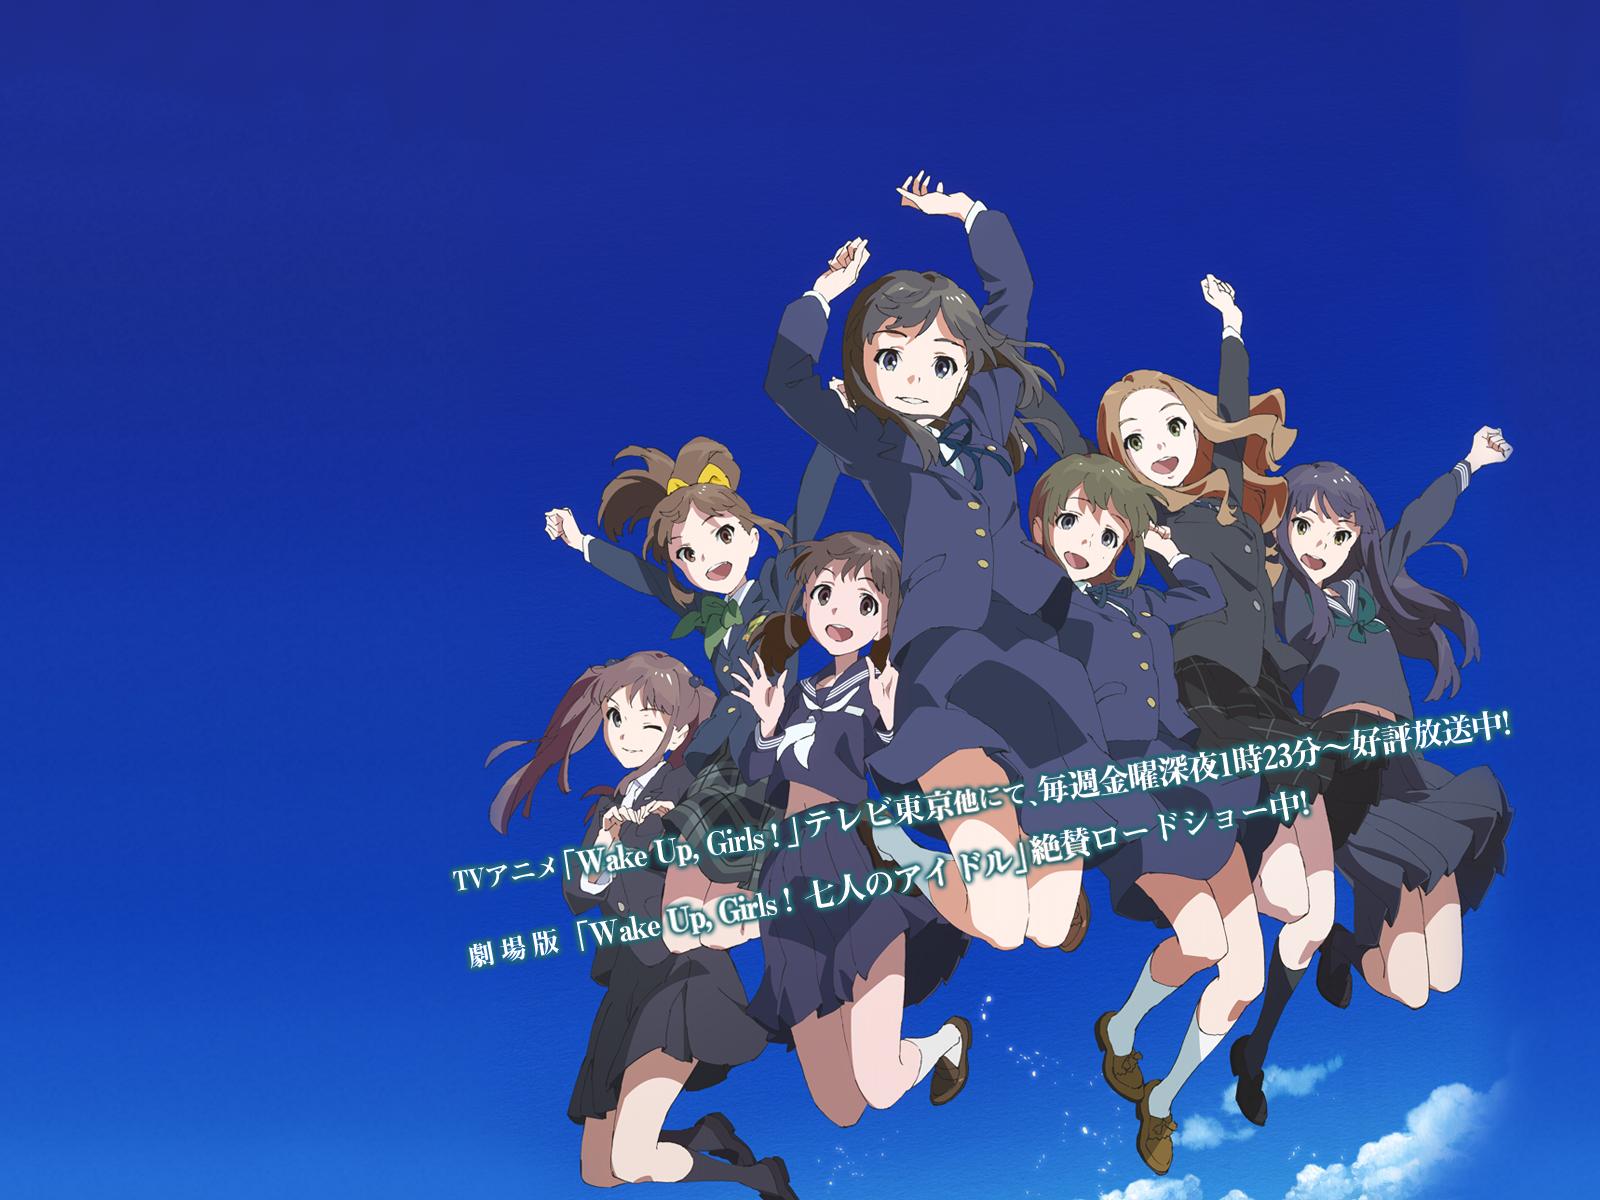 ヤマカンの新作アニメ「Wake Up Girls!」が結構面白そうな件